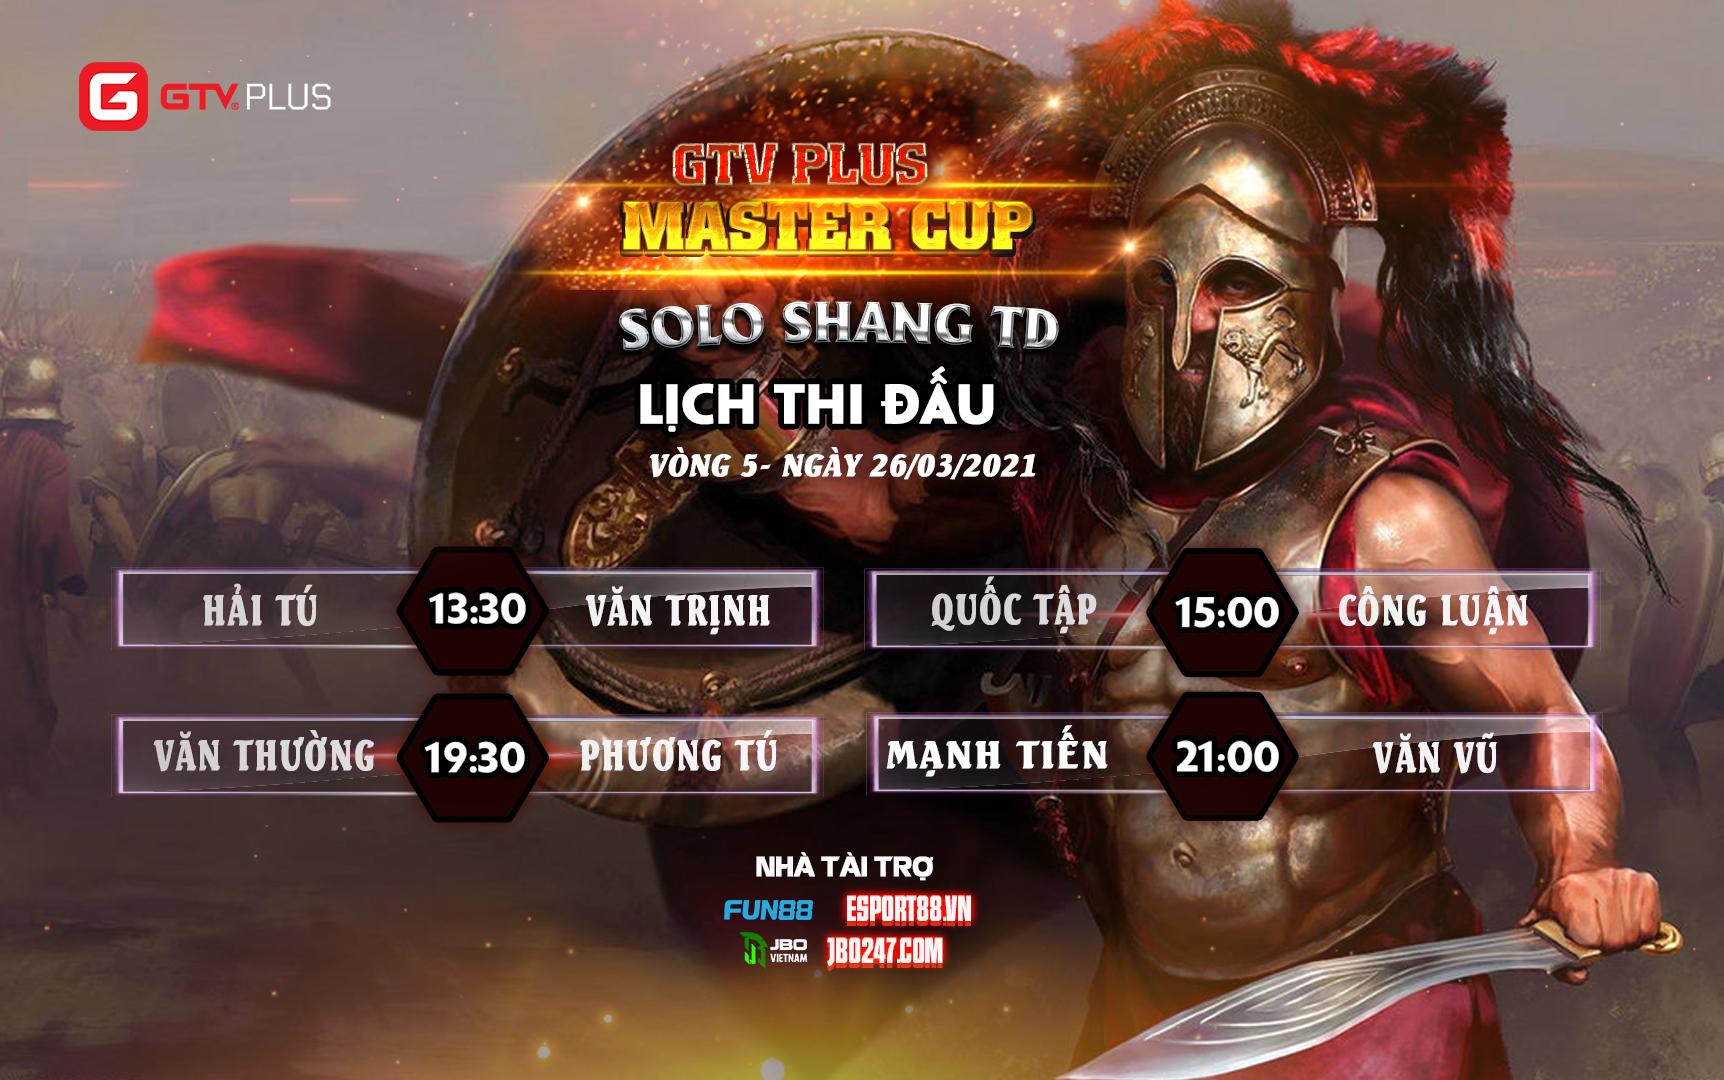 Lịch thi đấu ngày thi đấu ngày 26 tháng 3 Giải đấu GTV Plus Master Cup 2021